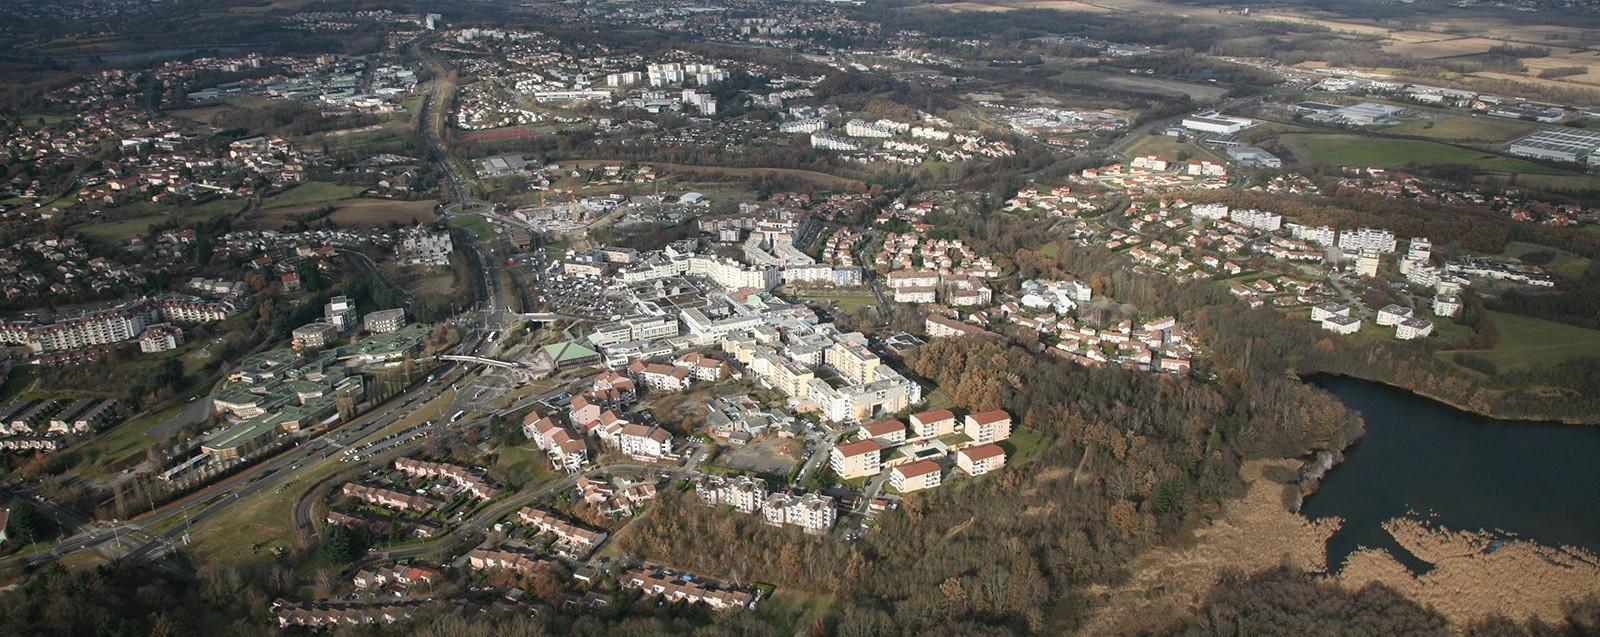 CAPI, Communauté d'agglomération